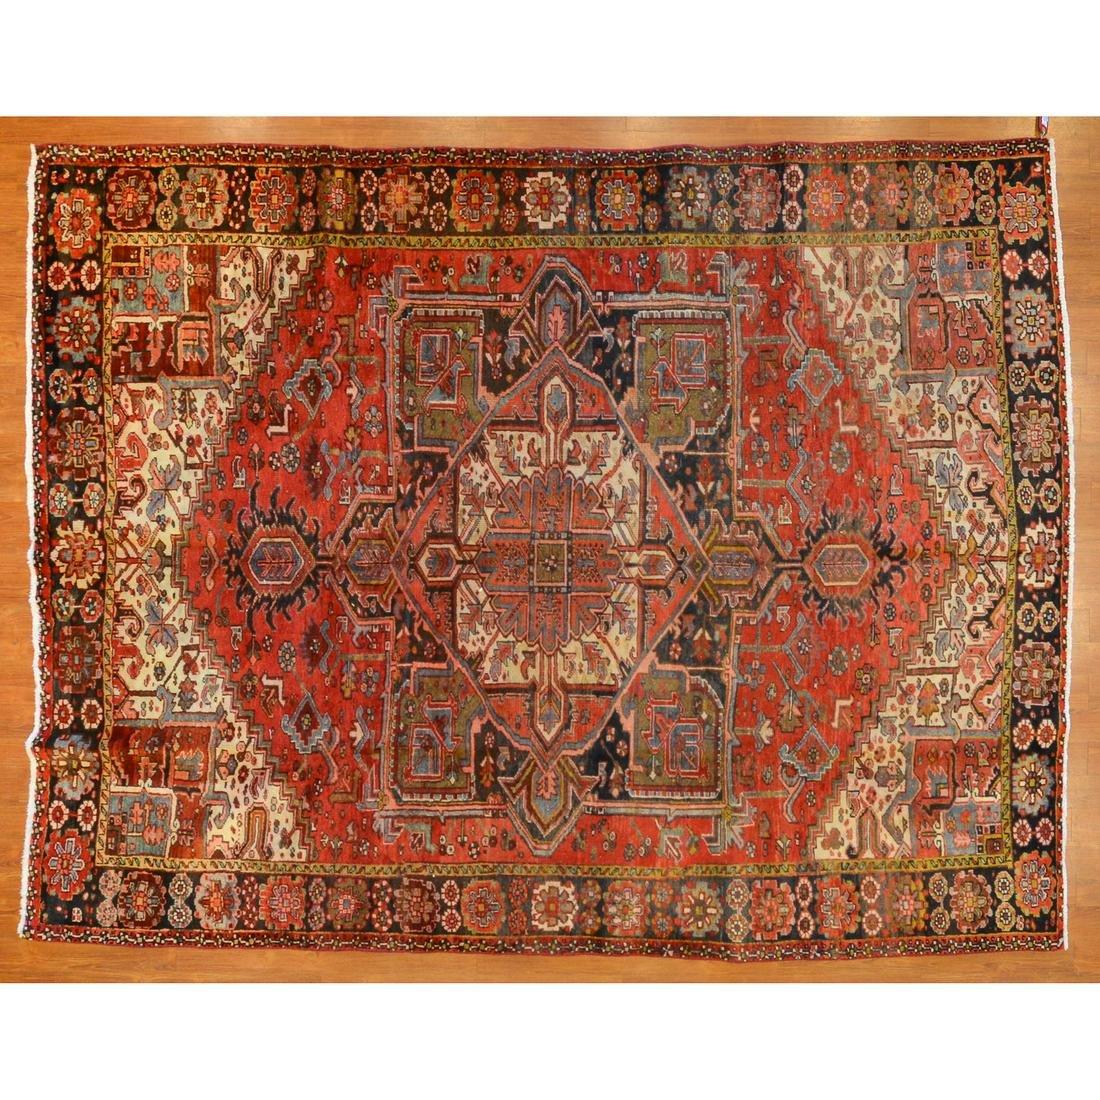 Gorevan Heriz Rug, Persia, 7.11 x 10.3